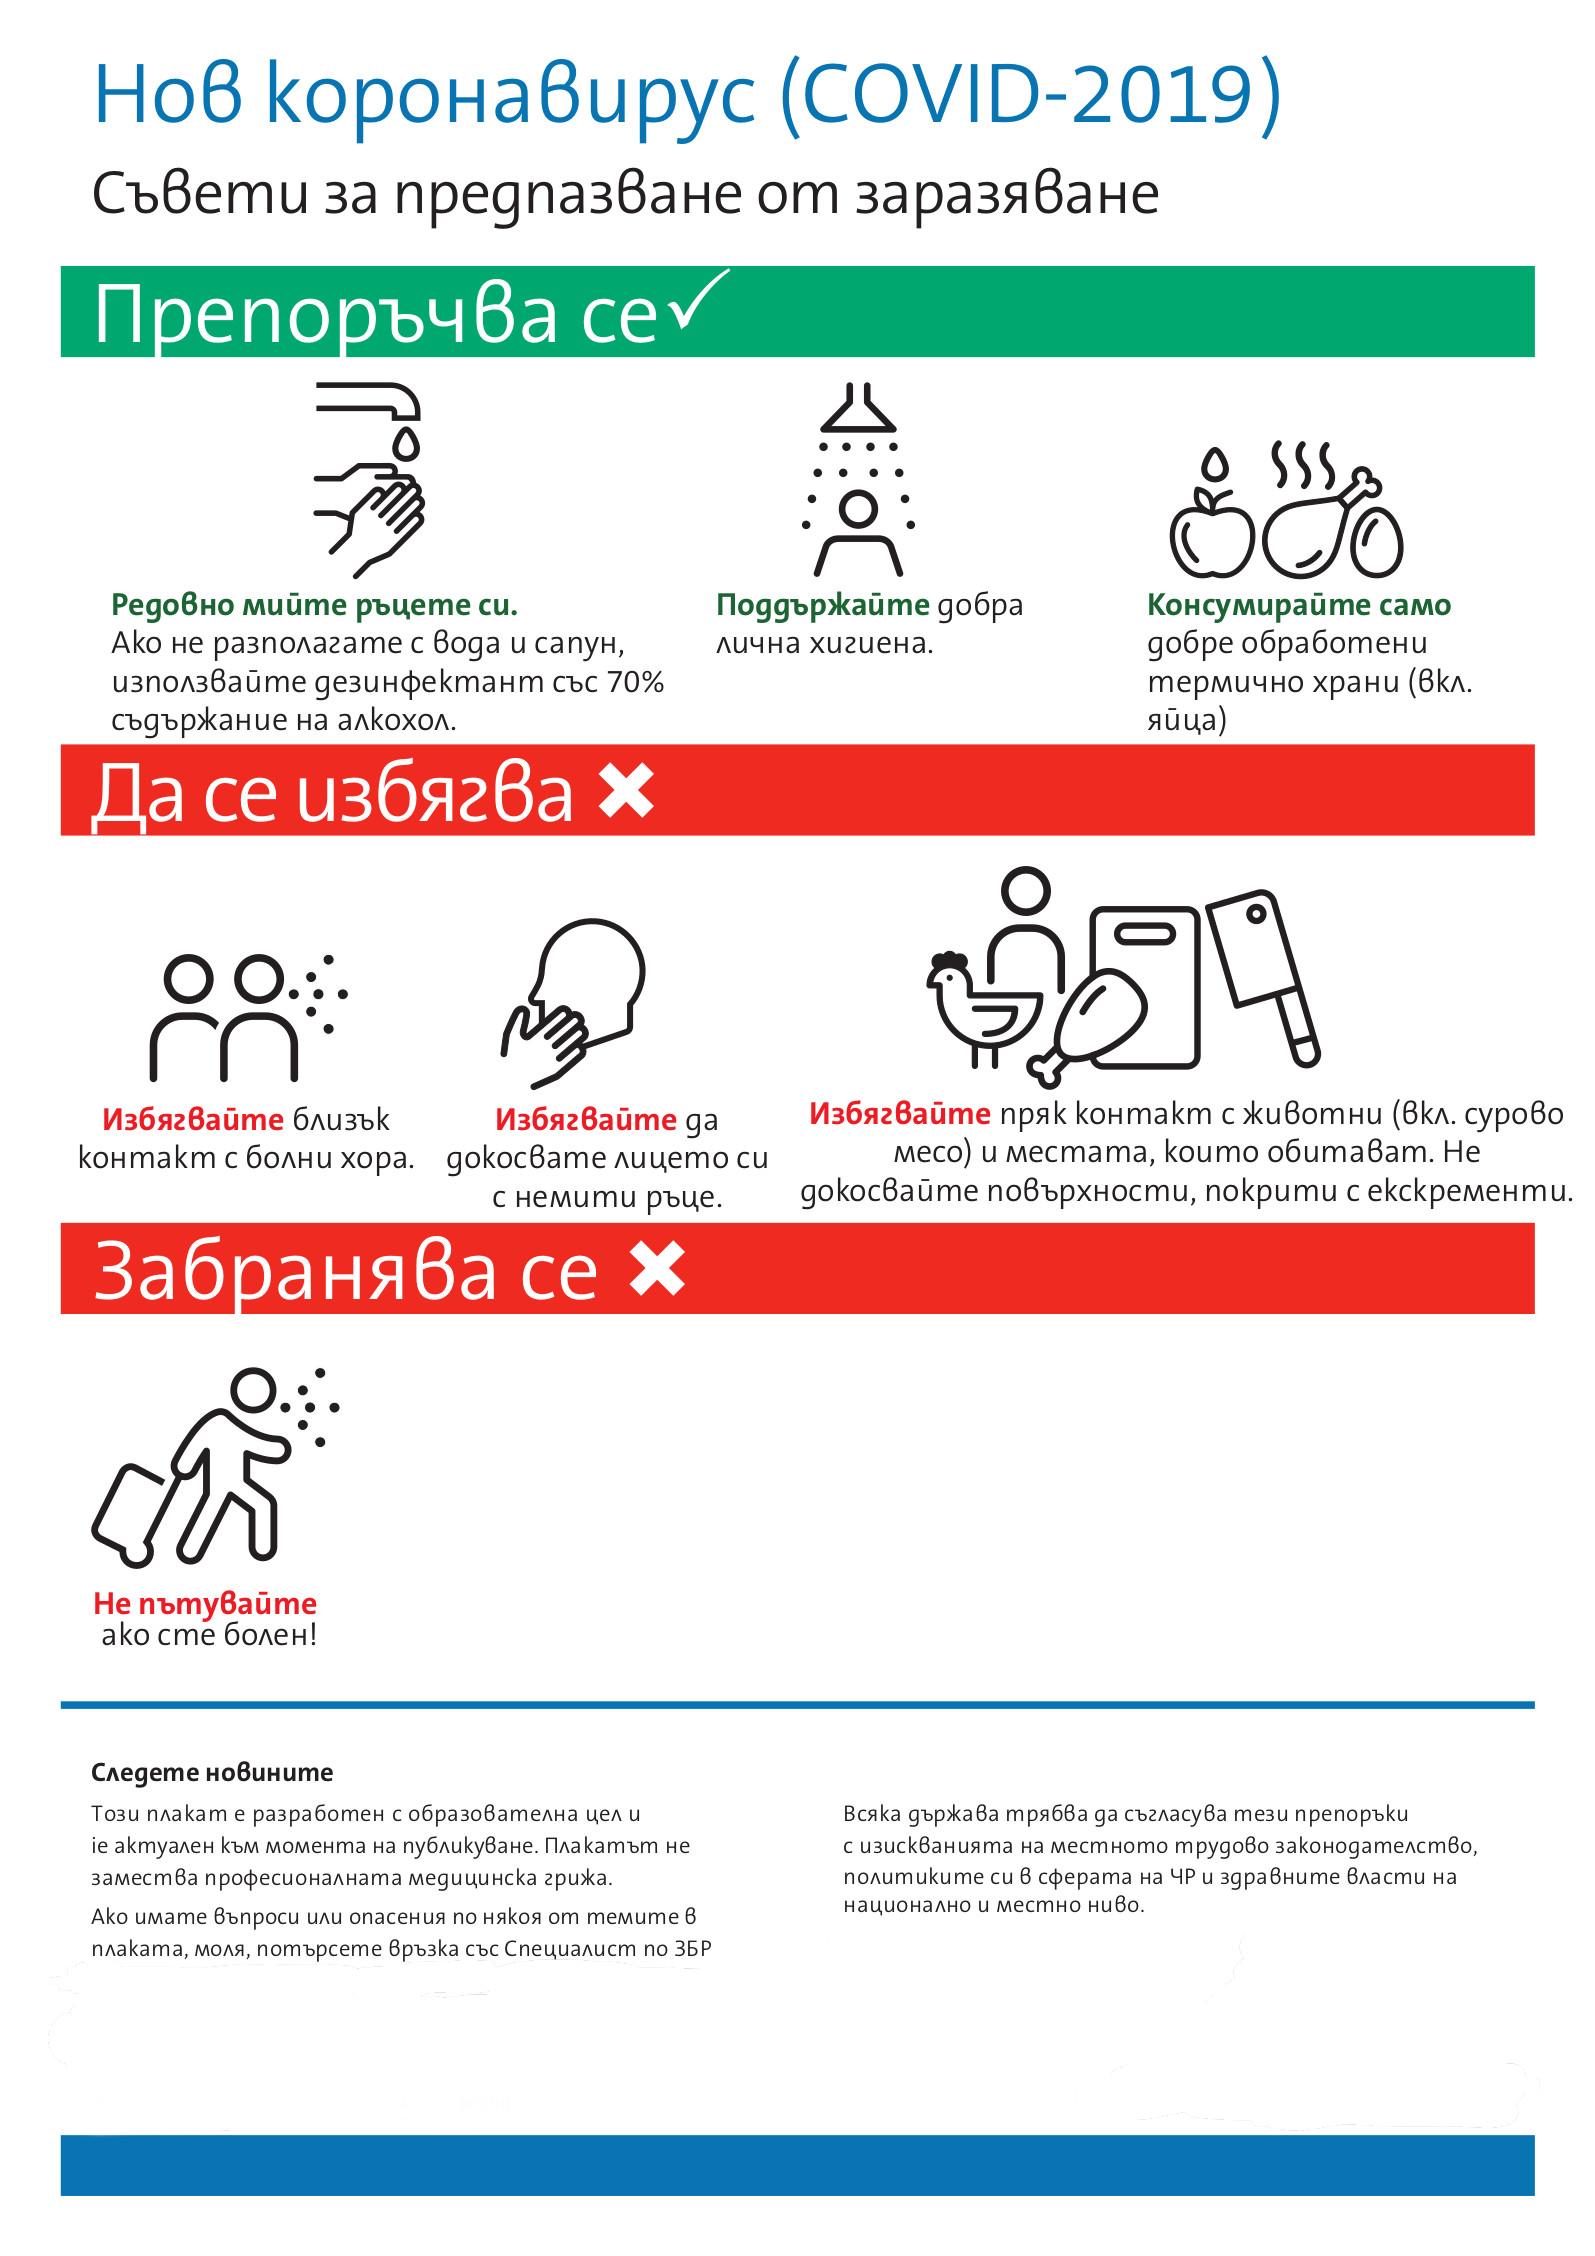 Коронавирус - съвети за предпазване от заразяване-1